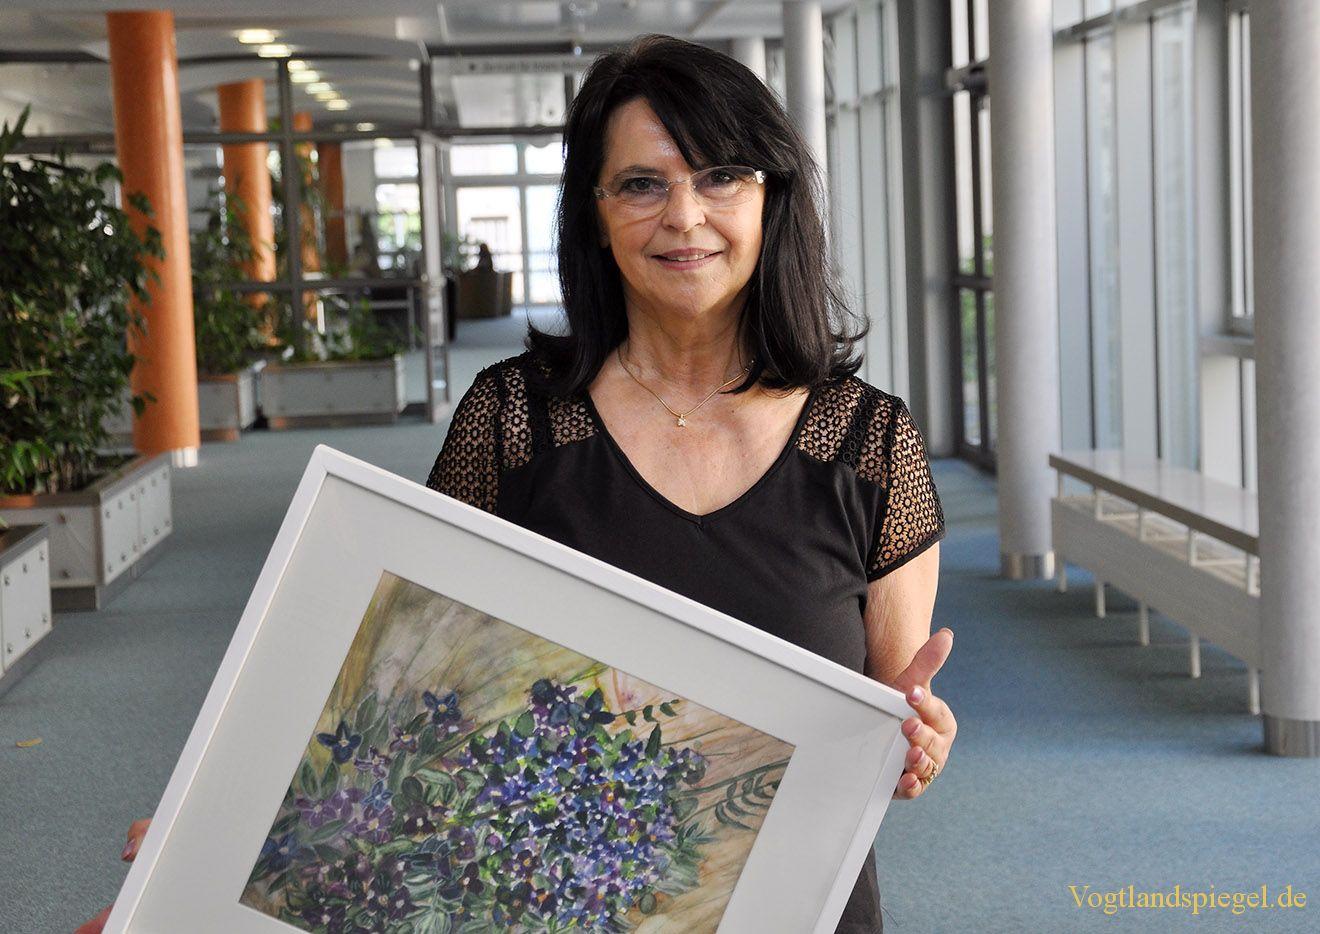 Ingrid Trautlofft stellt im Kreiskrankenhaus Greiz aus